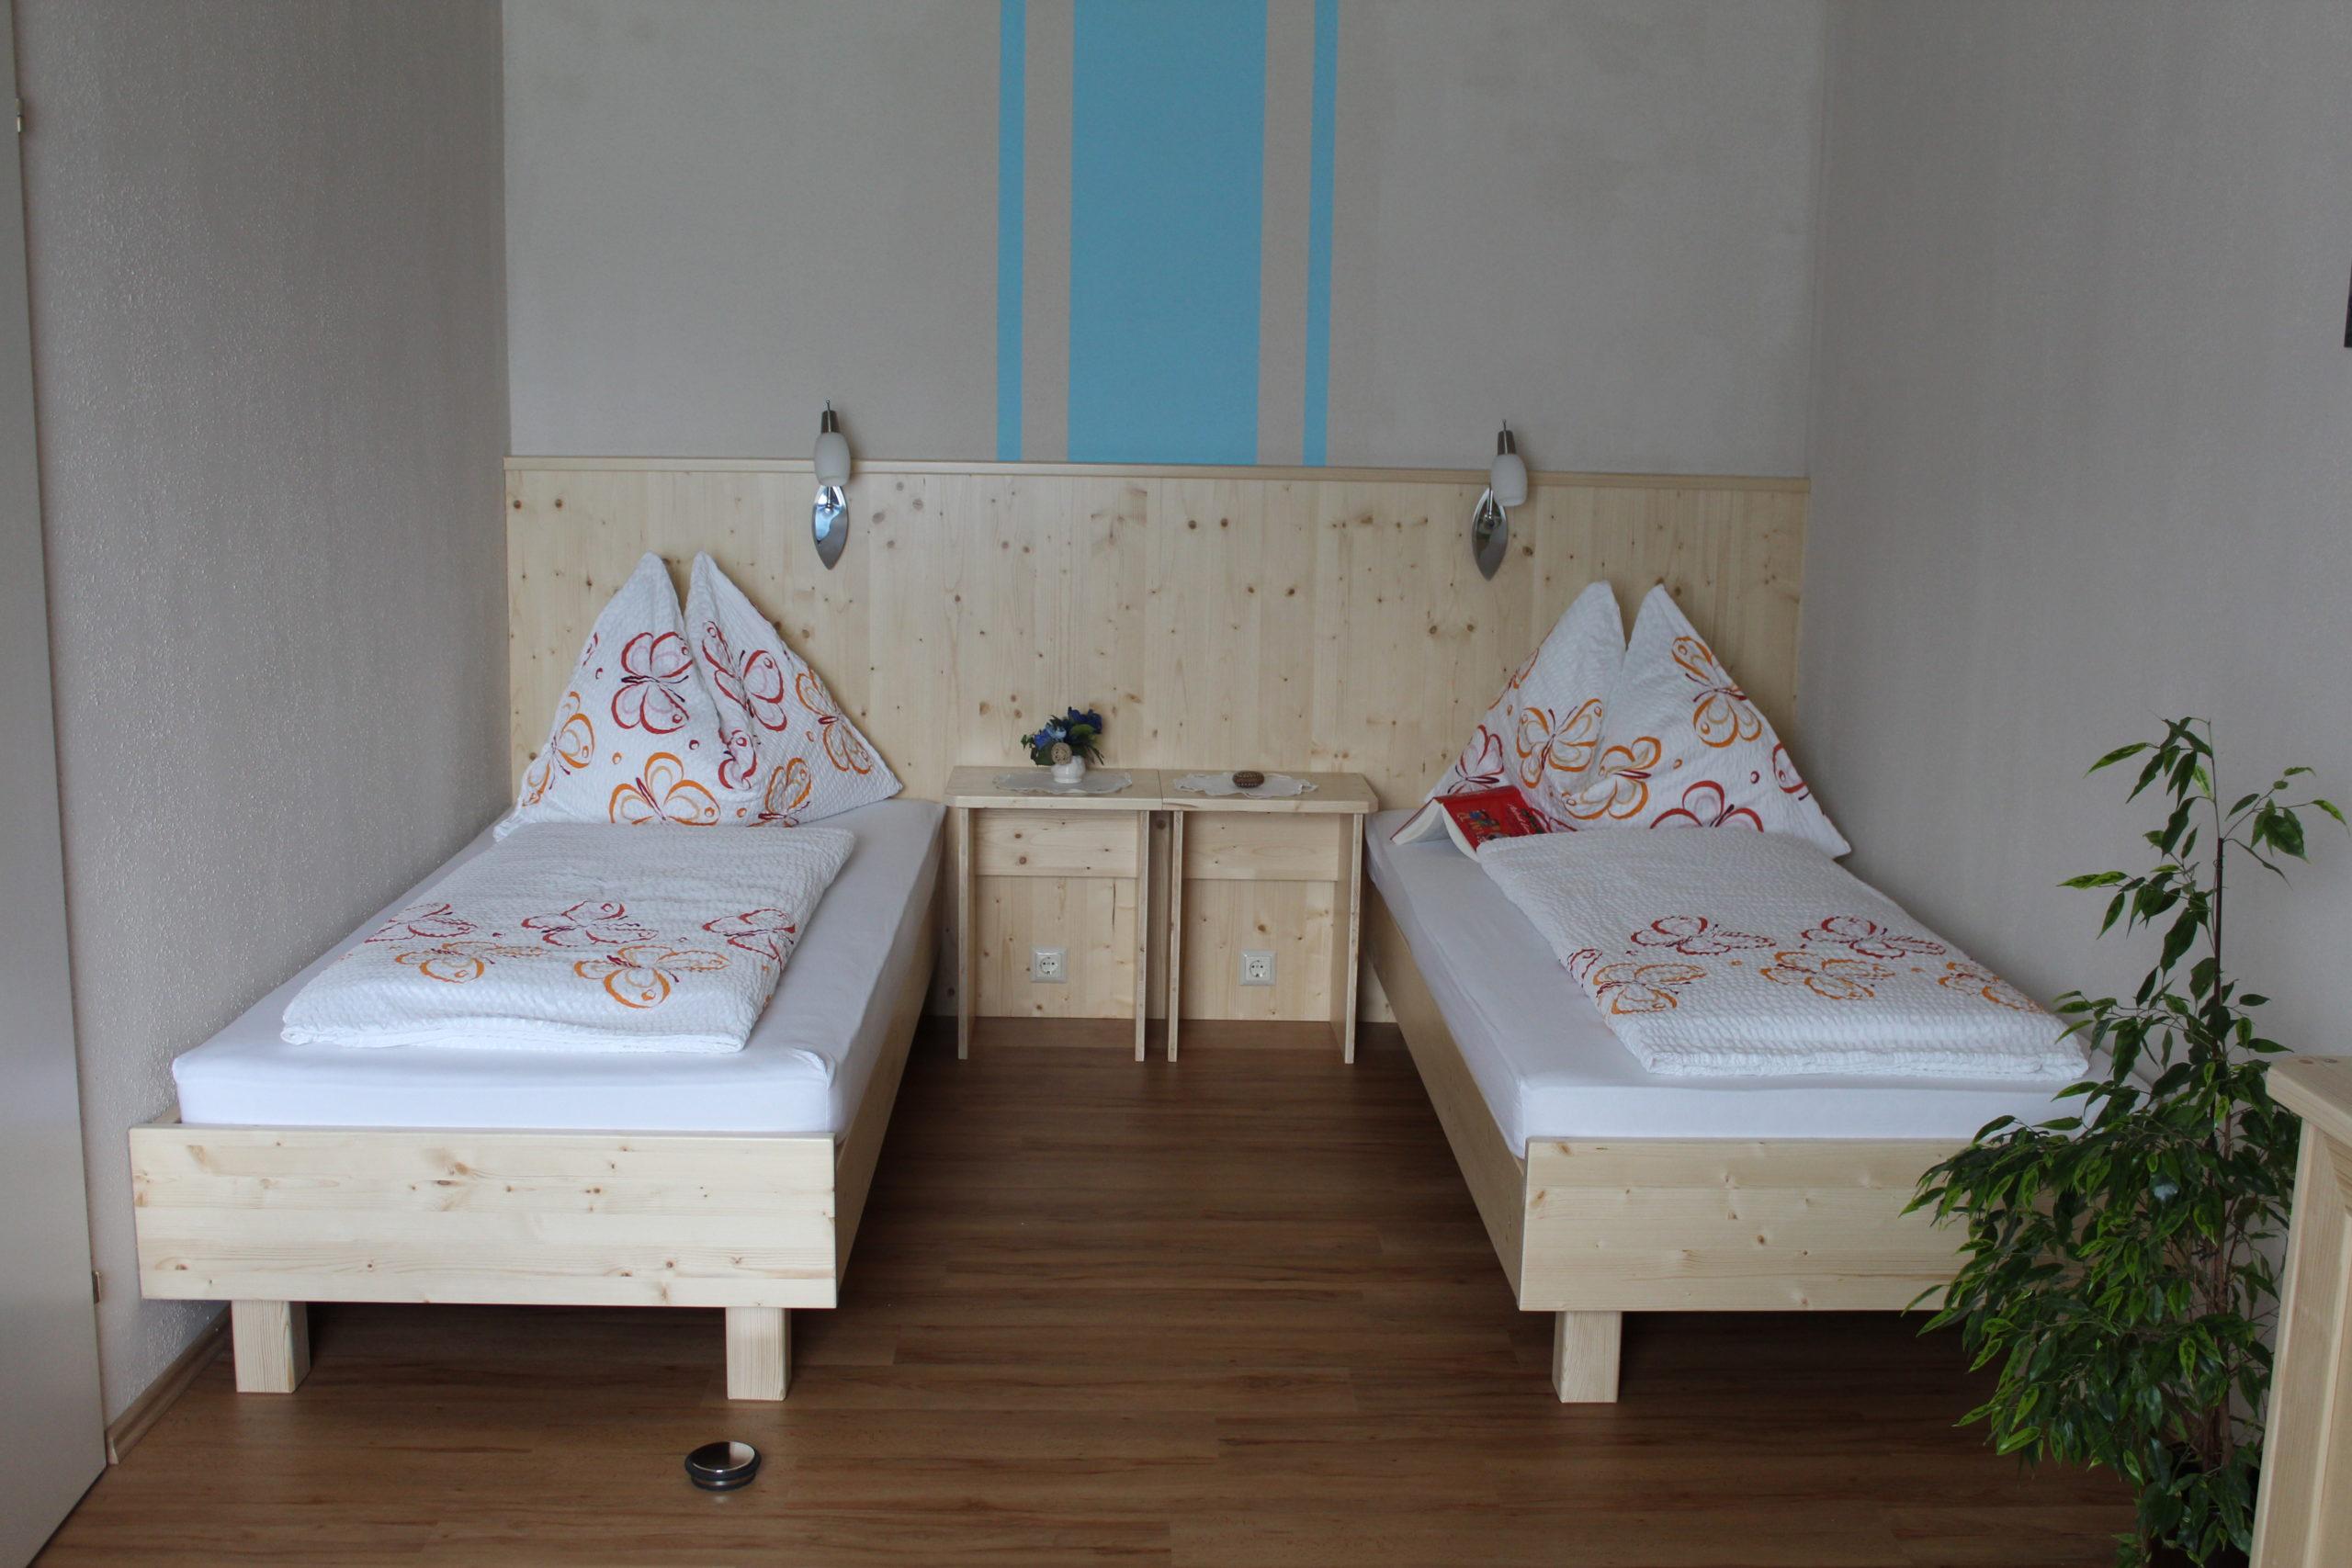 Ferienwohnung Nockberge - getrennte Betten im zweiten Schlafzimmer